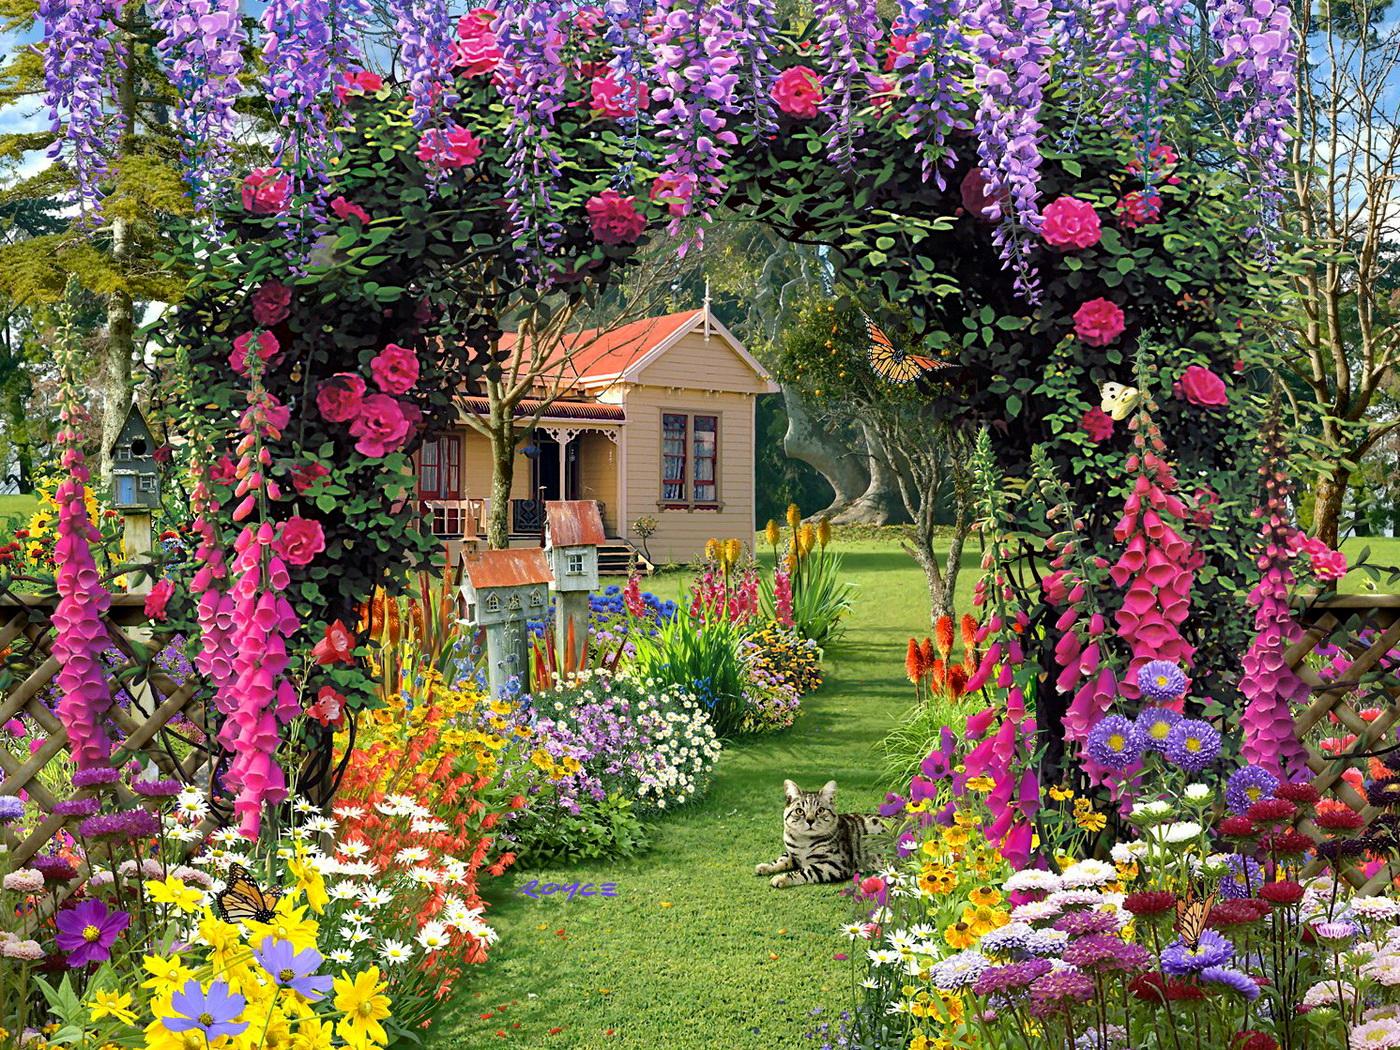 Wallpapers Fair Luxurious Flower Garden HD Widescreen Wallpaper 1400x1050